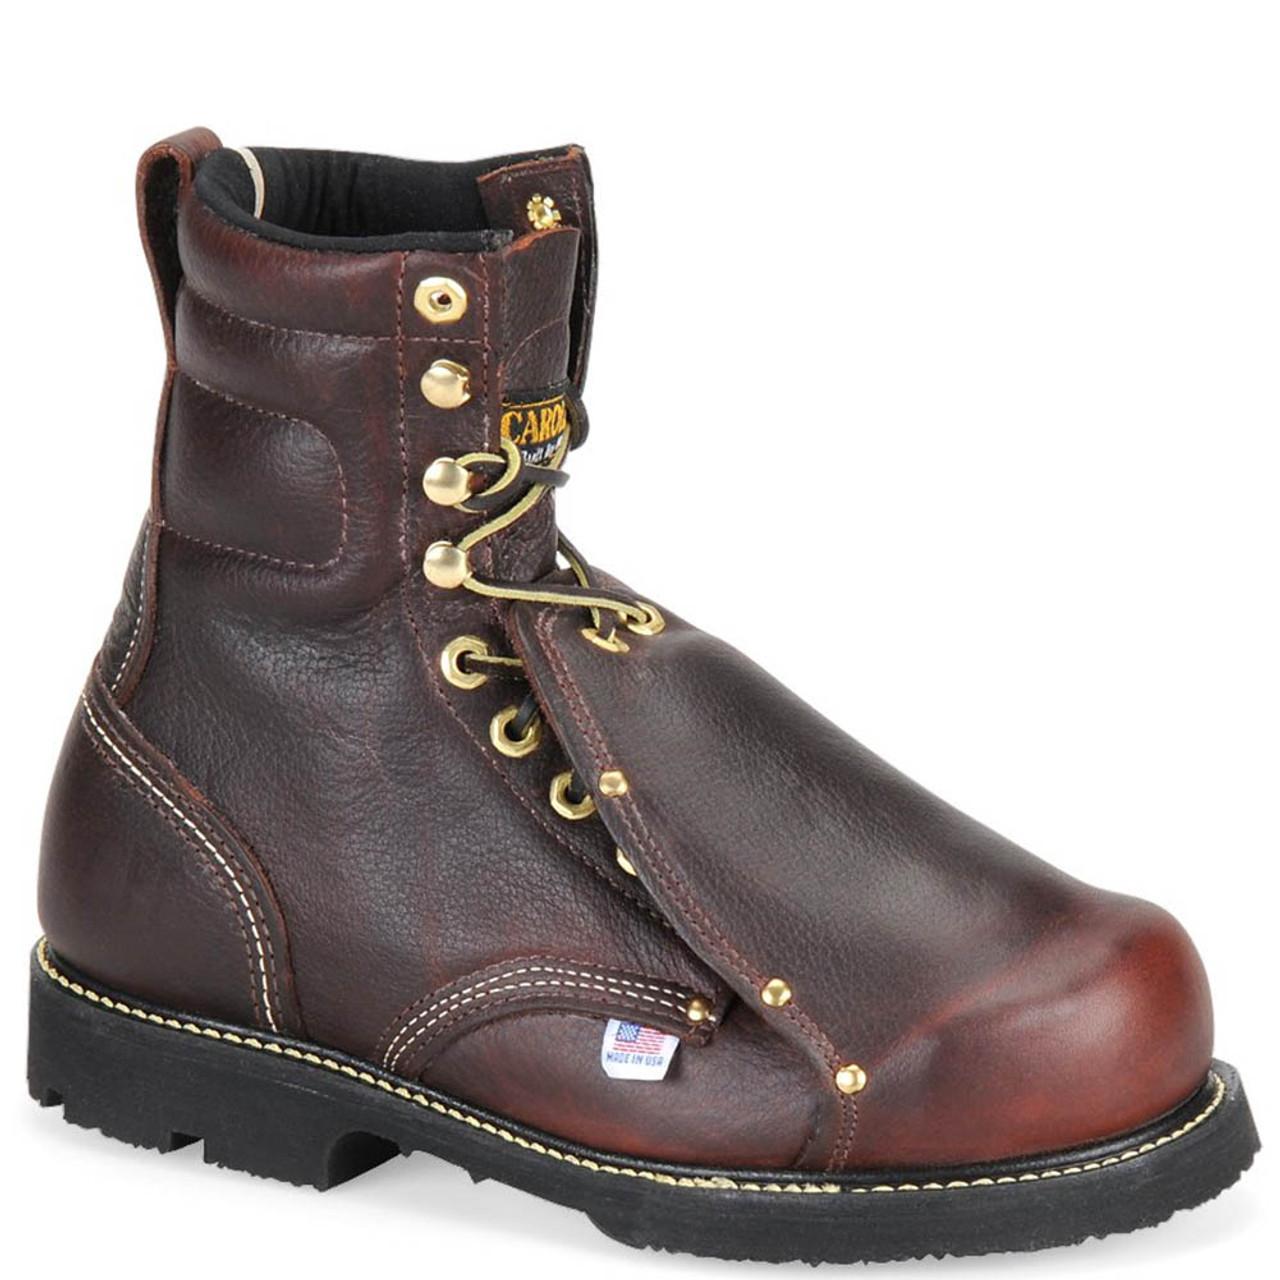 b5bb6ab3a2a Carolina 505 USA INT HI BROAD TOE Steel Toe External Met Guard Work Boots